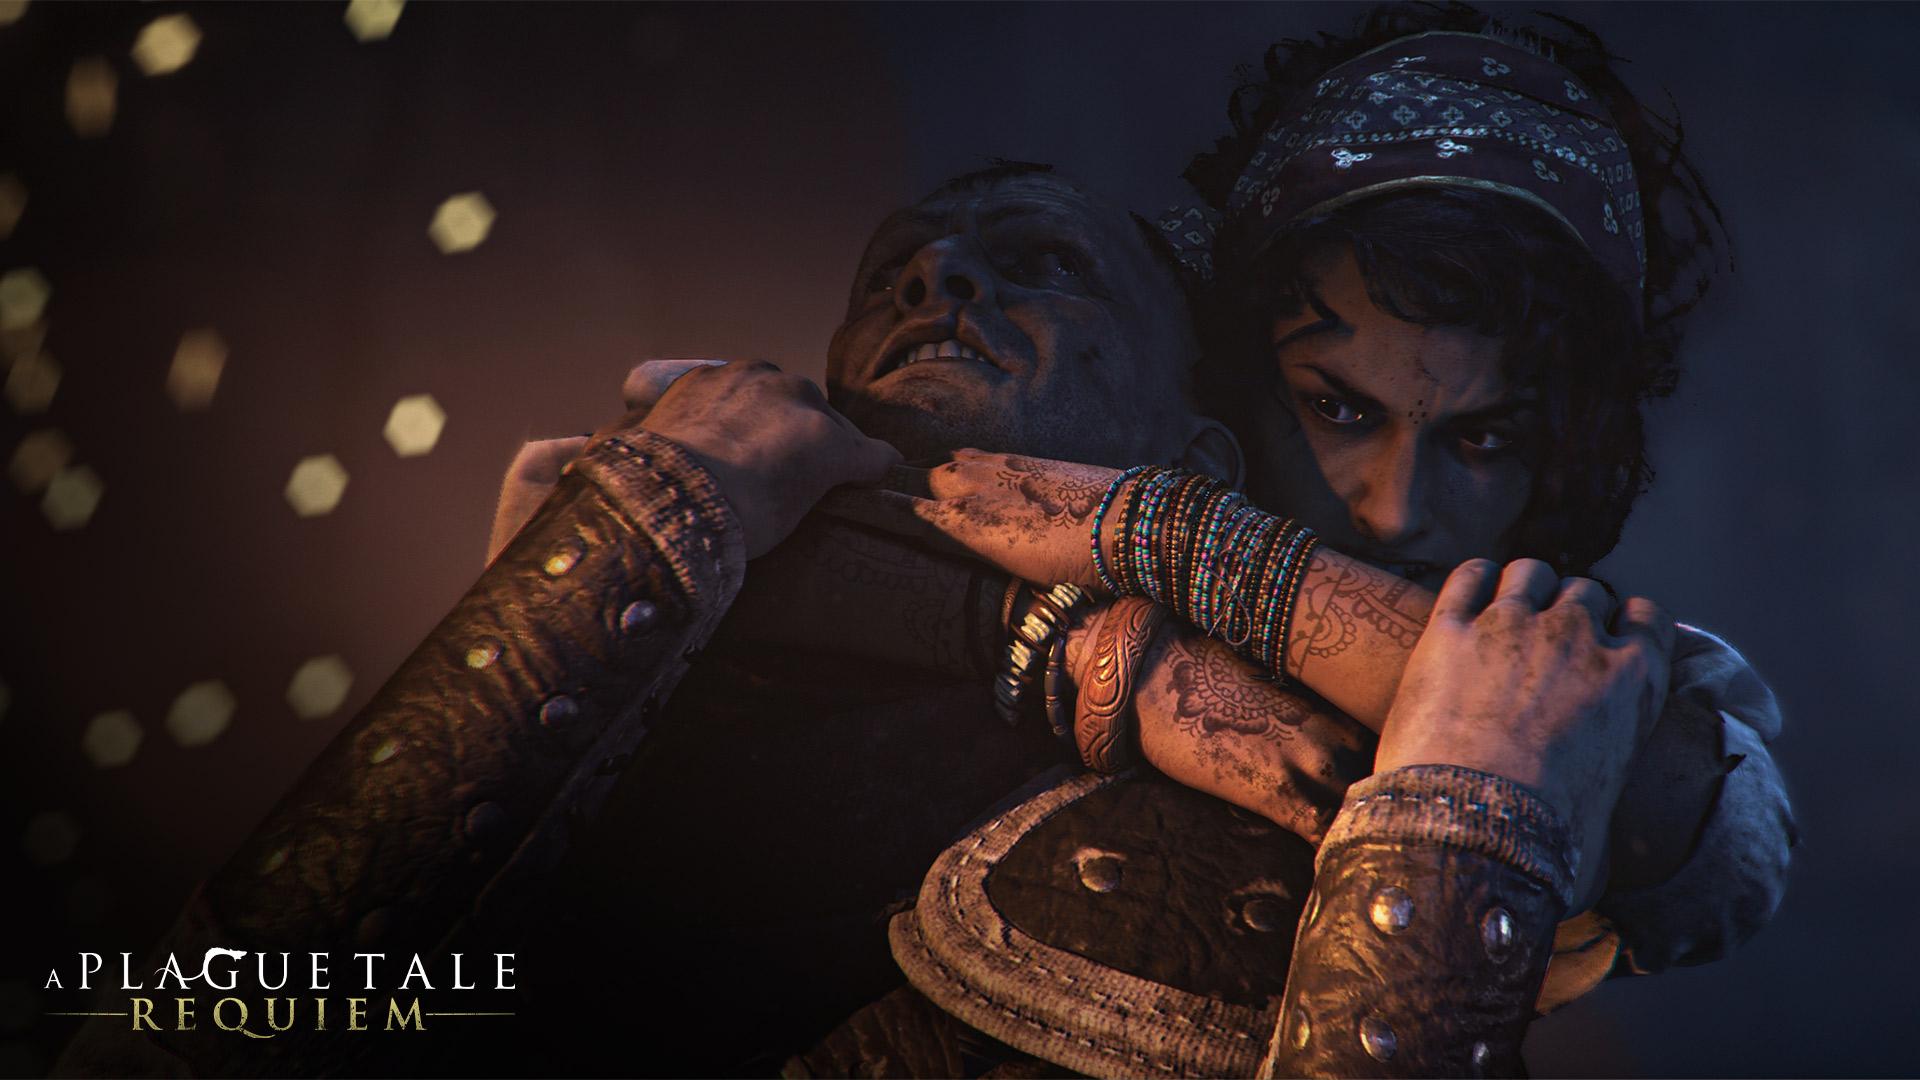 A-Plague-Tale-Requiem_2K-logo_Screenshot-03